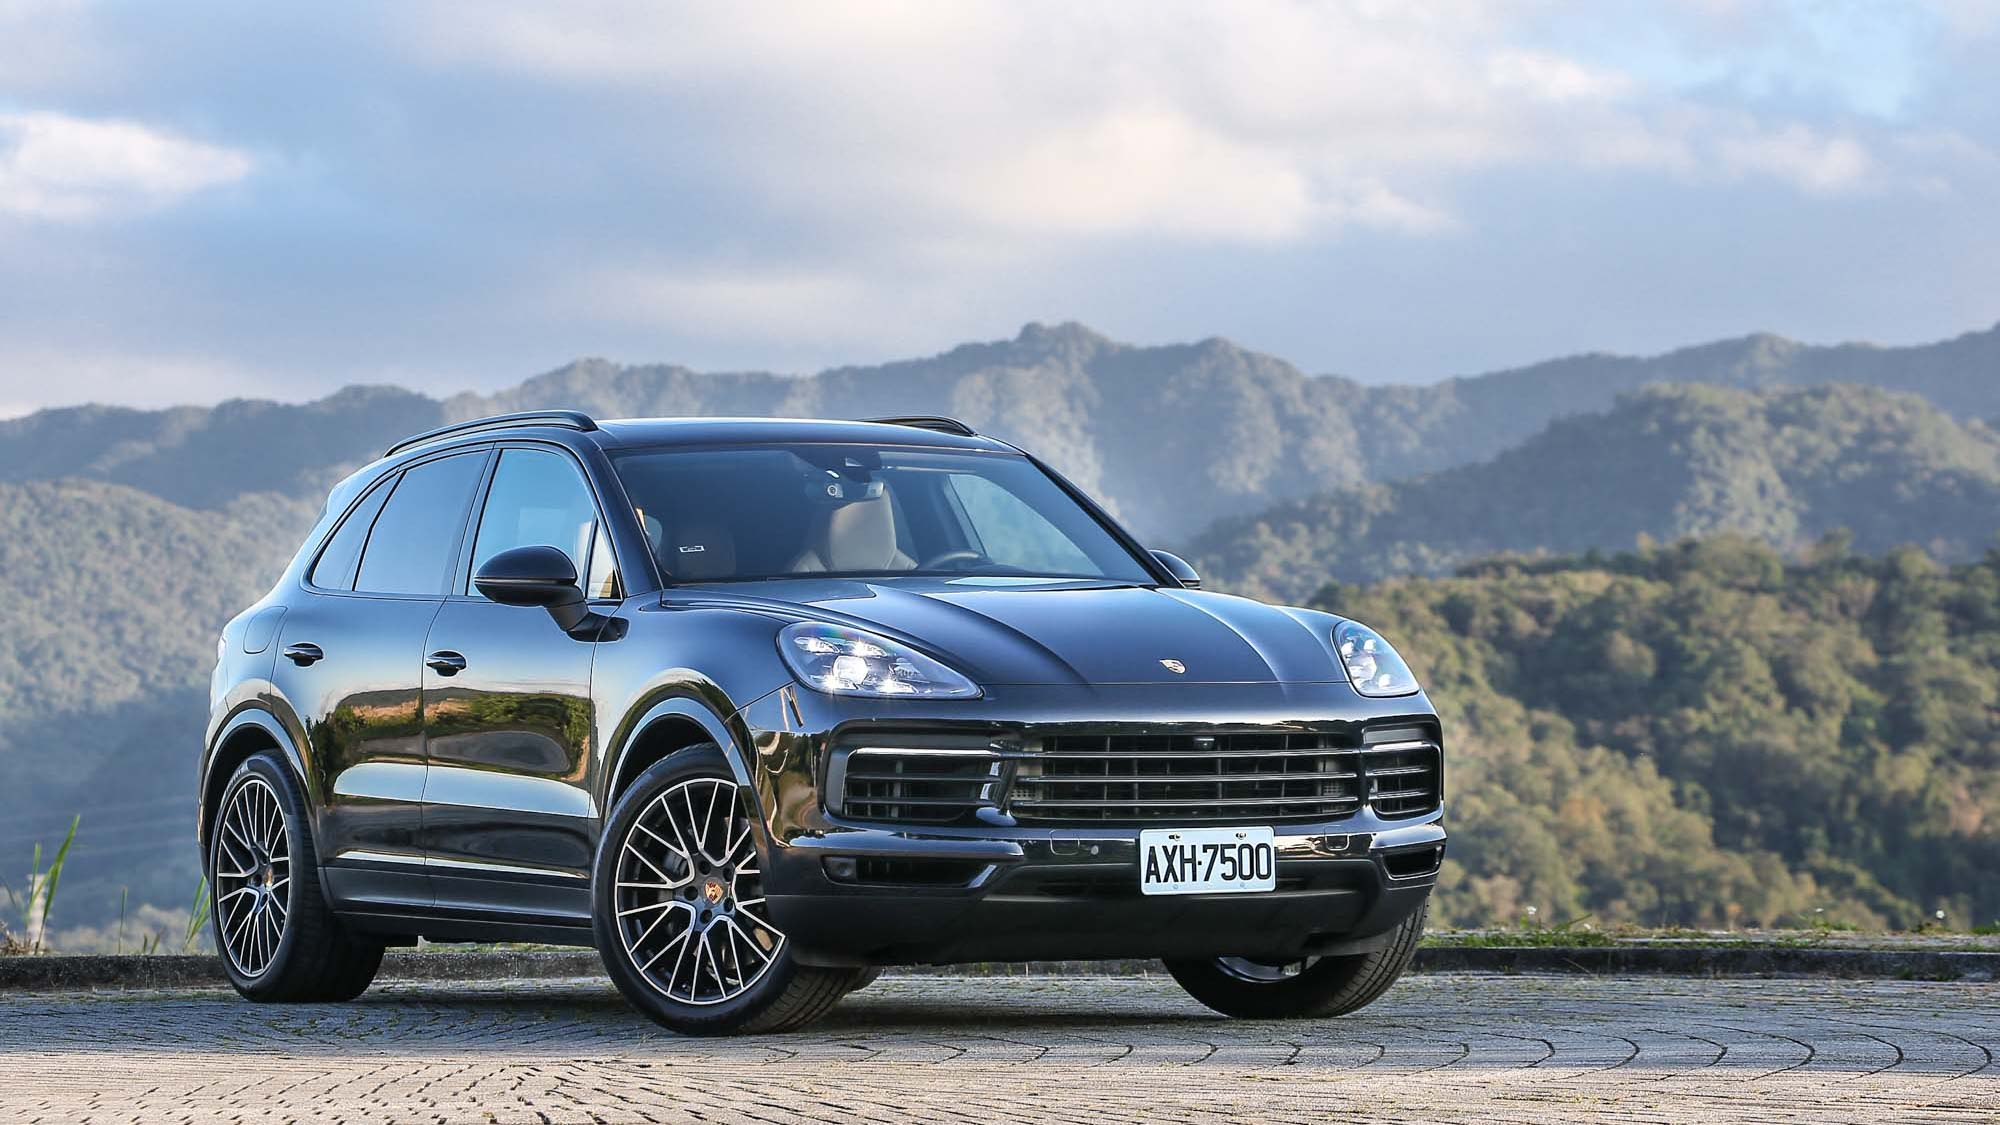 超人很強?Porsche Cayenne S 也算是個驚奇隊長!